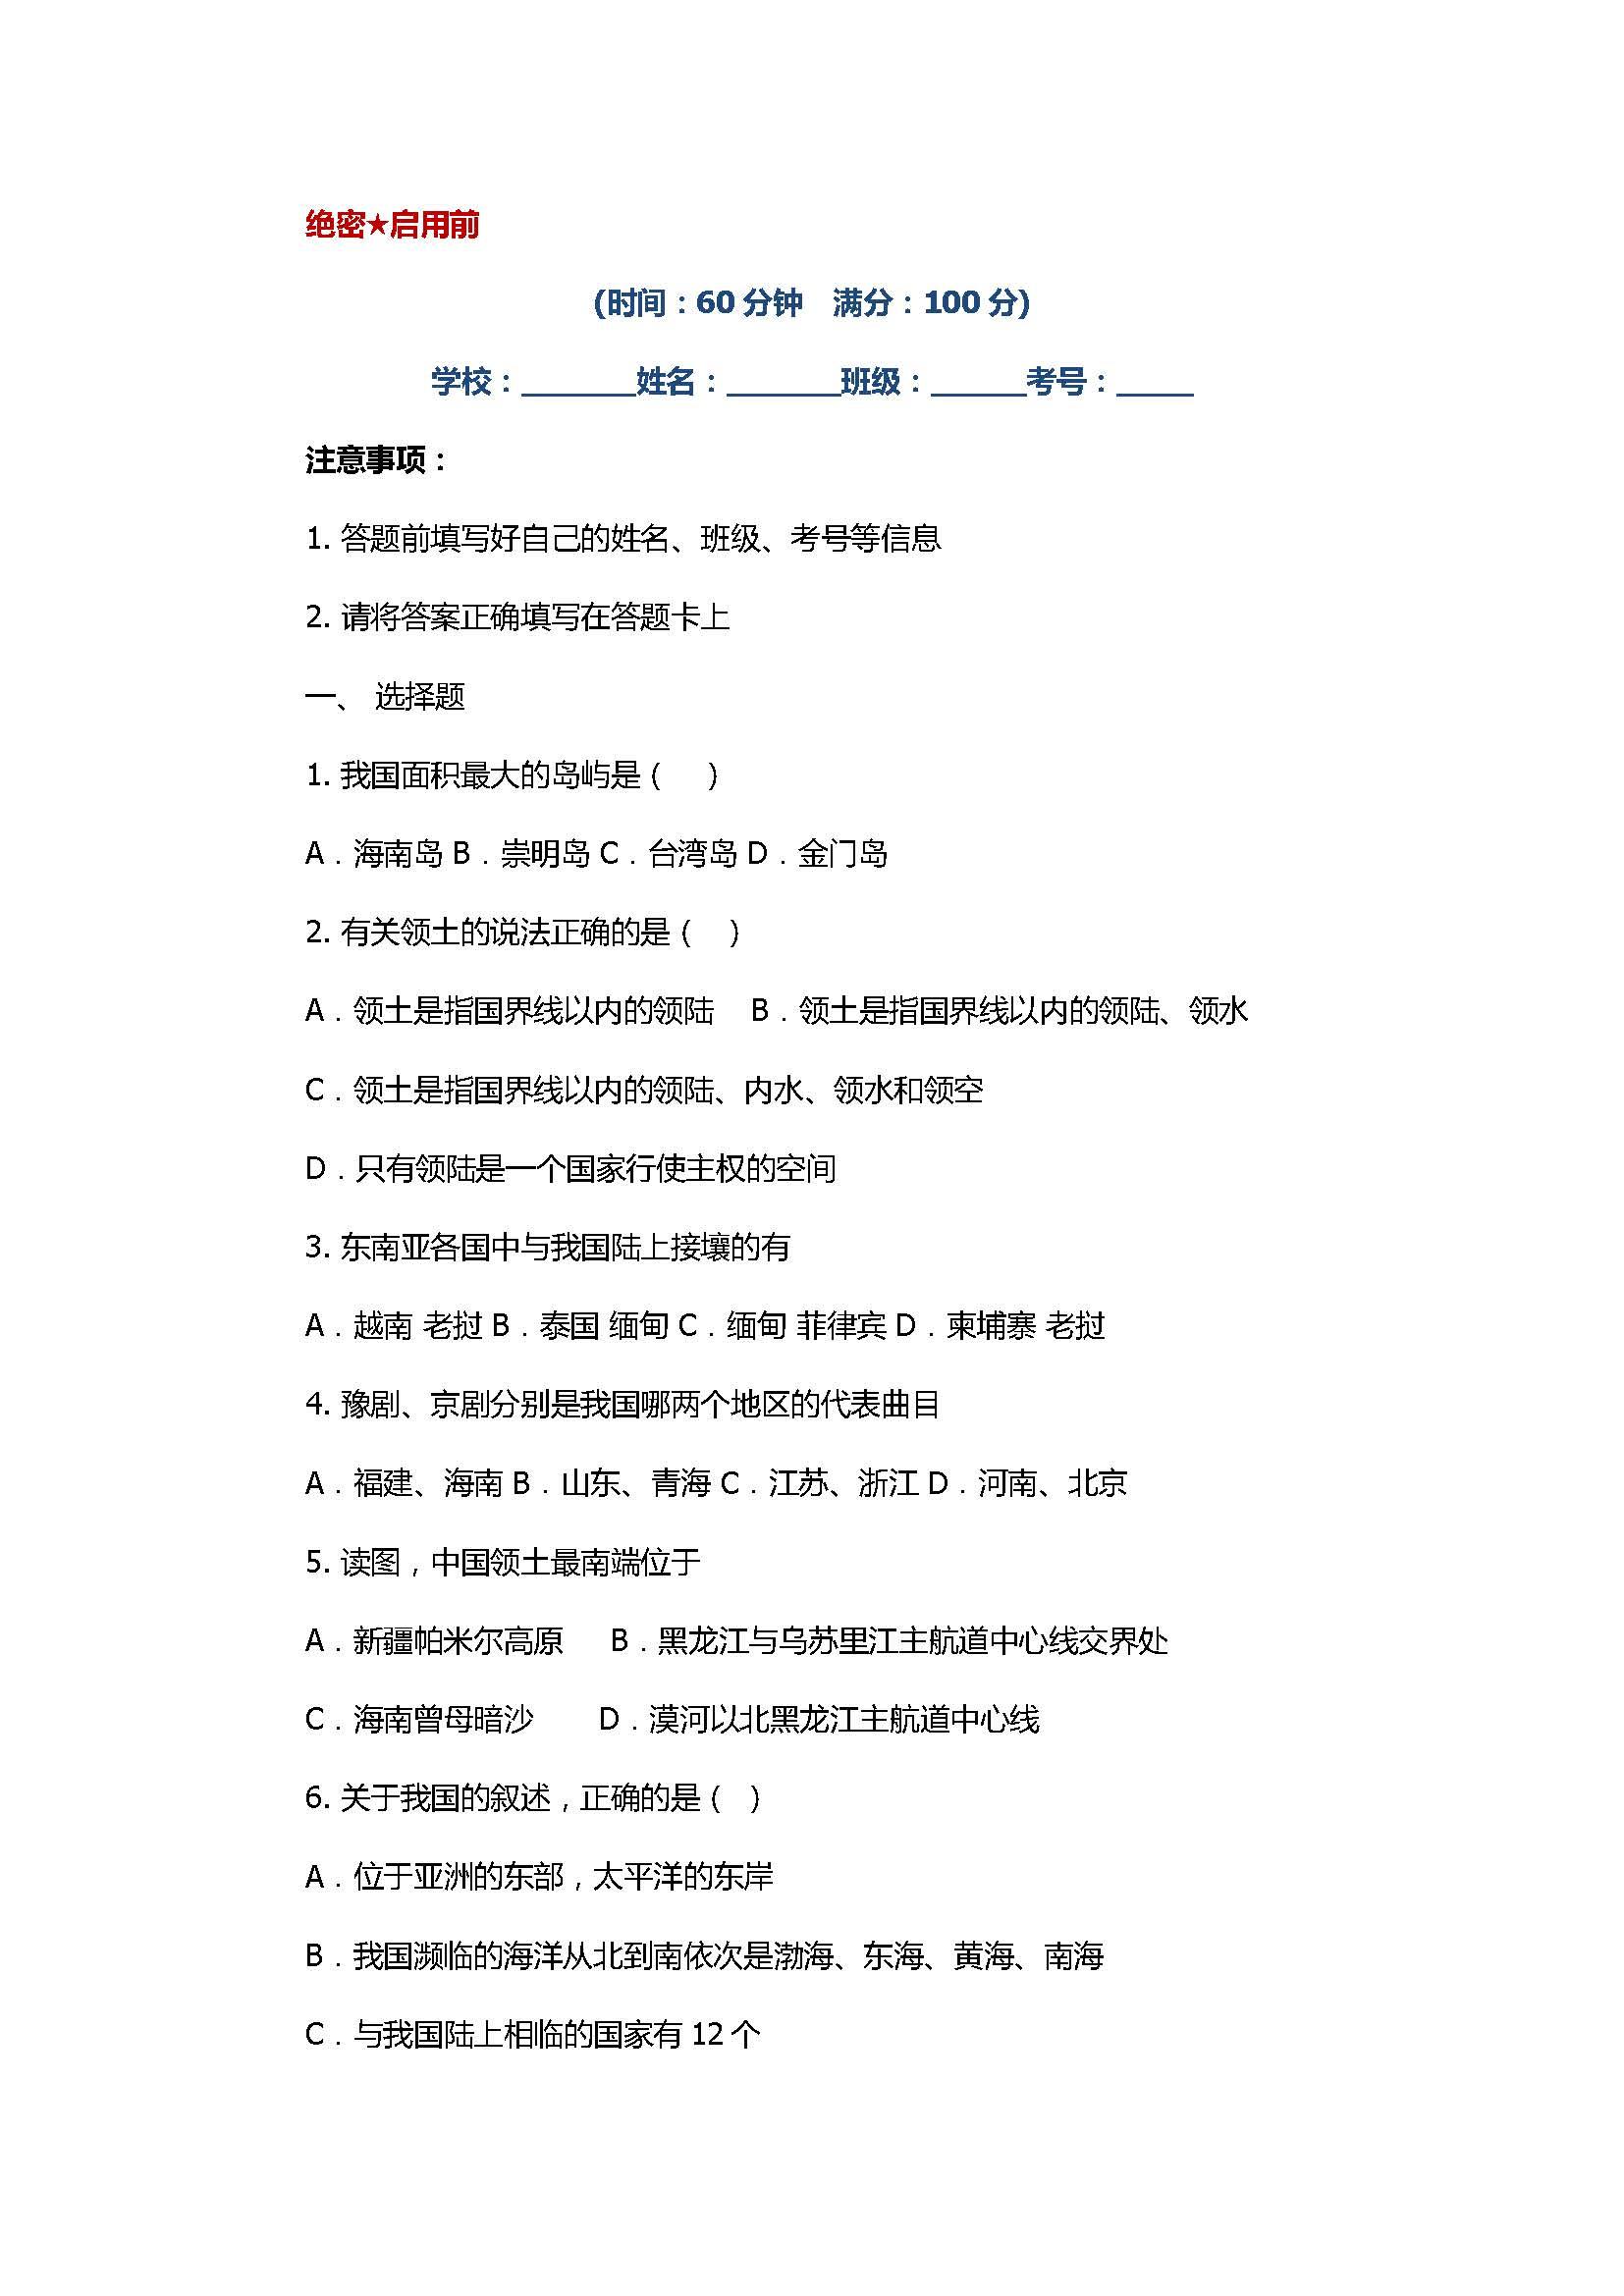 2017八年级地理上册月考试题附参考答案(广西钦州市钦州港区)